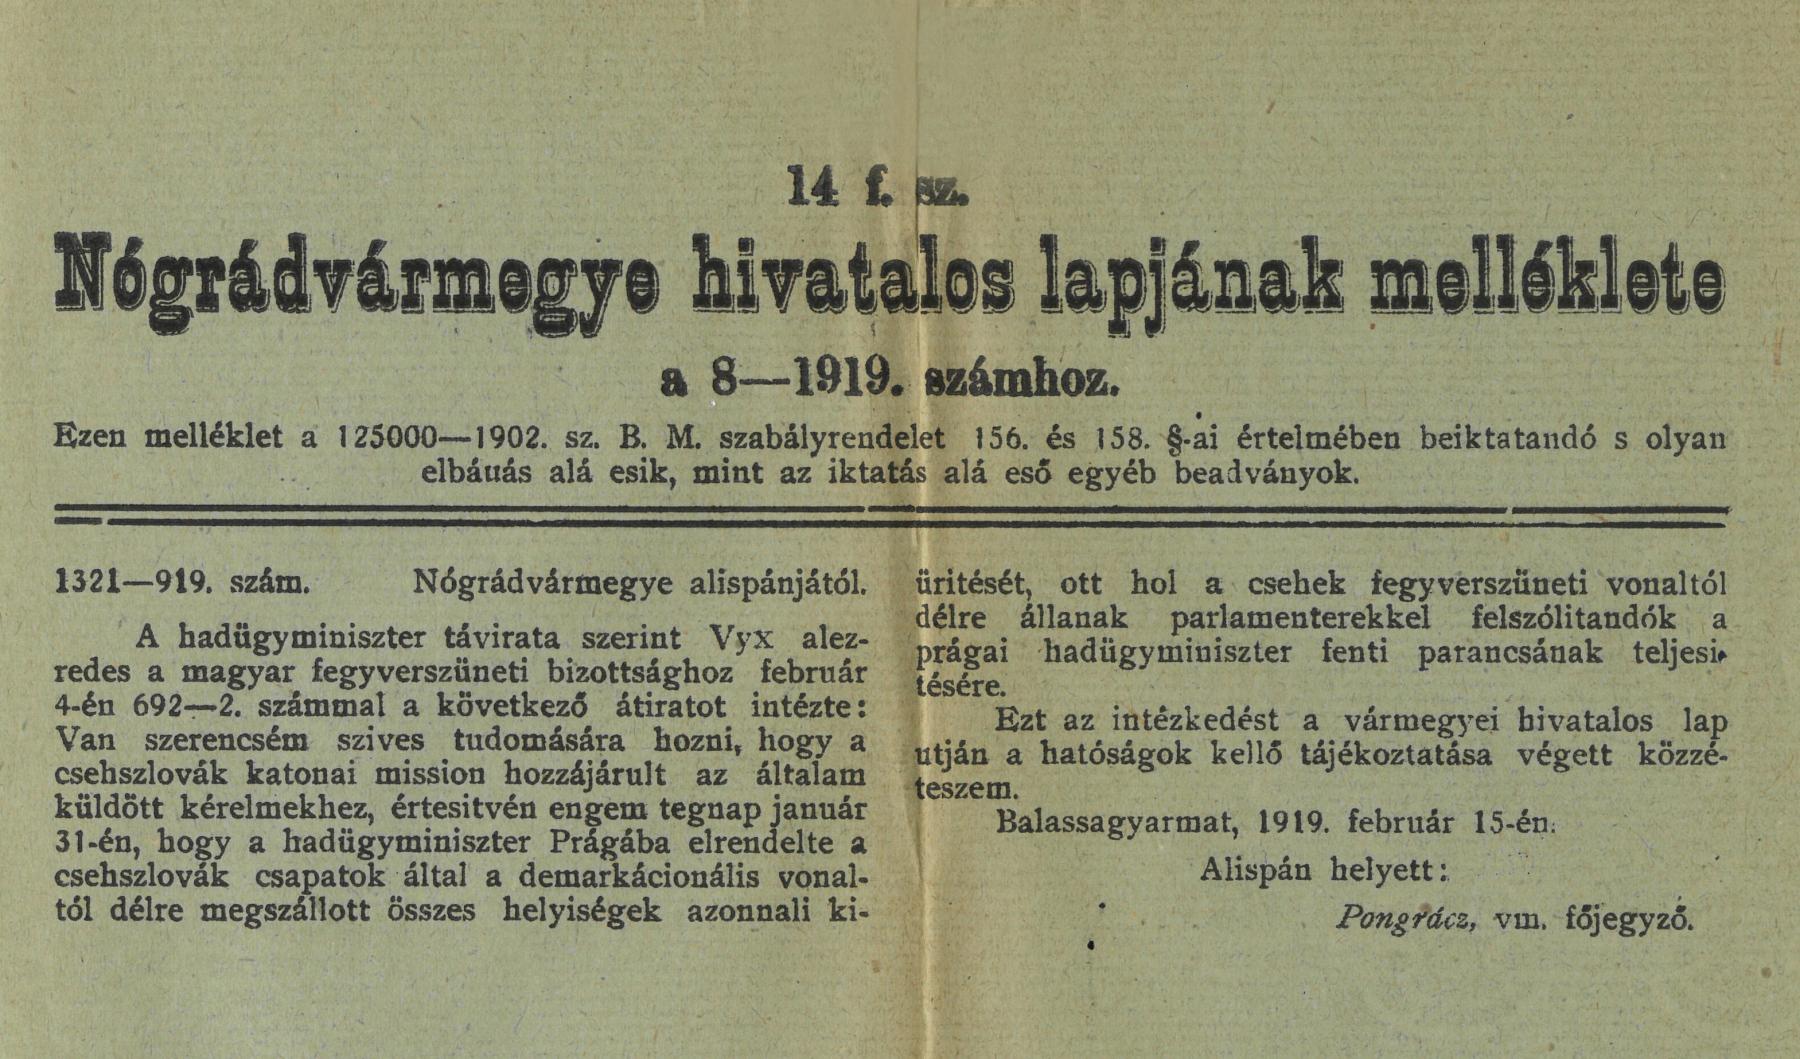 11.-V.310-1.d.-287-1919